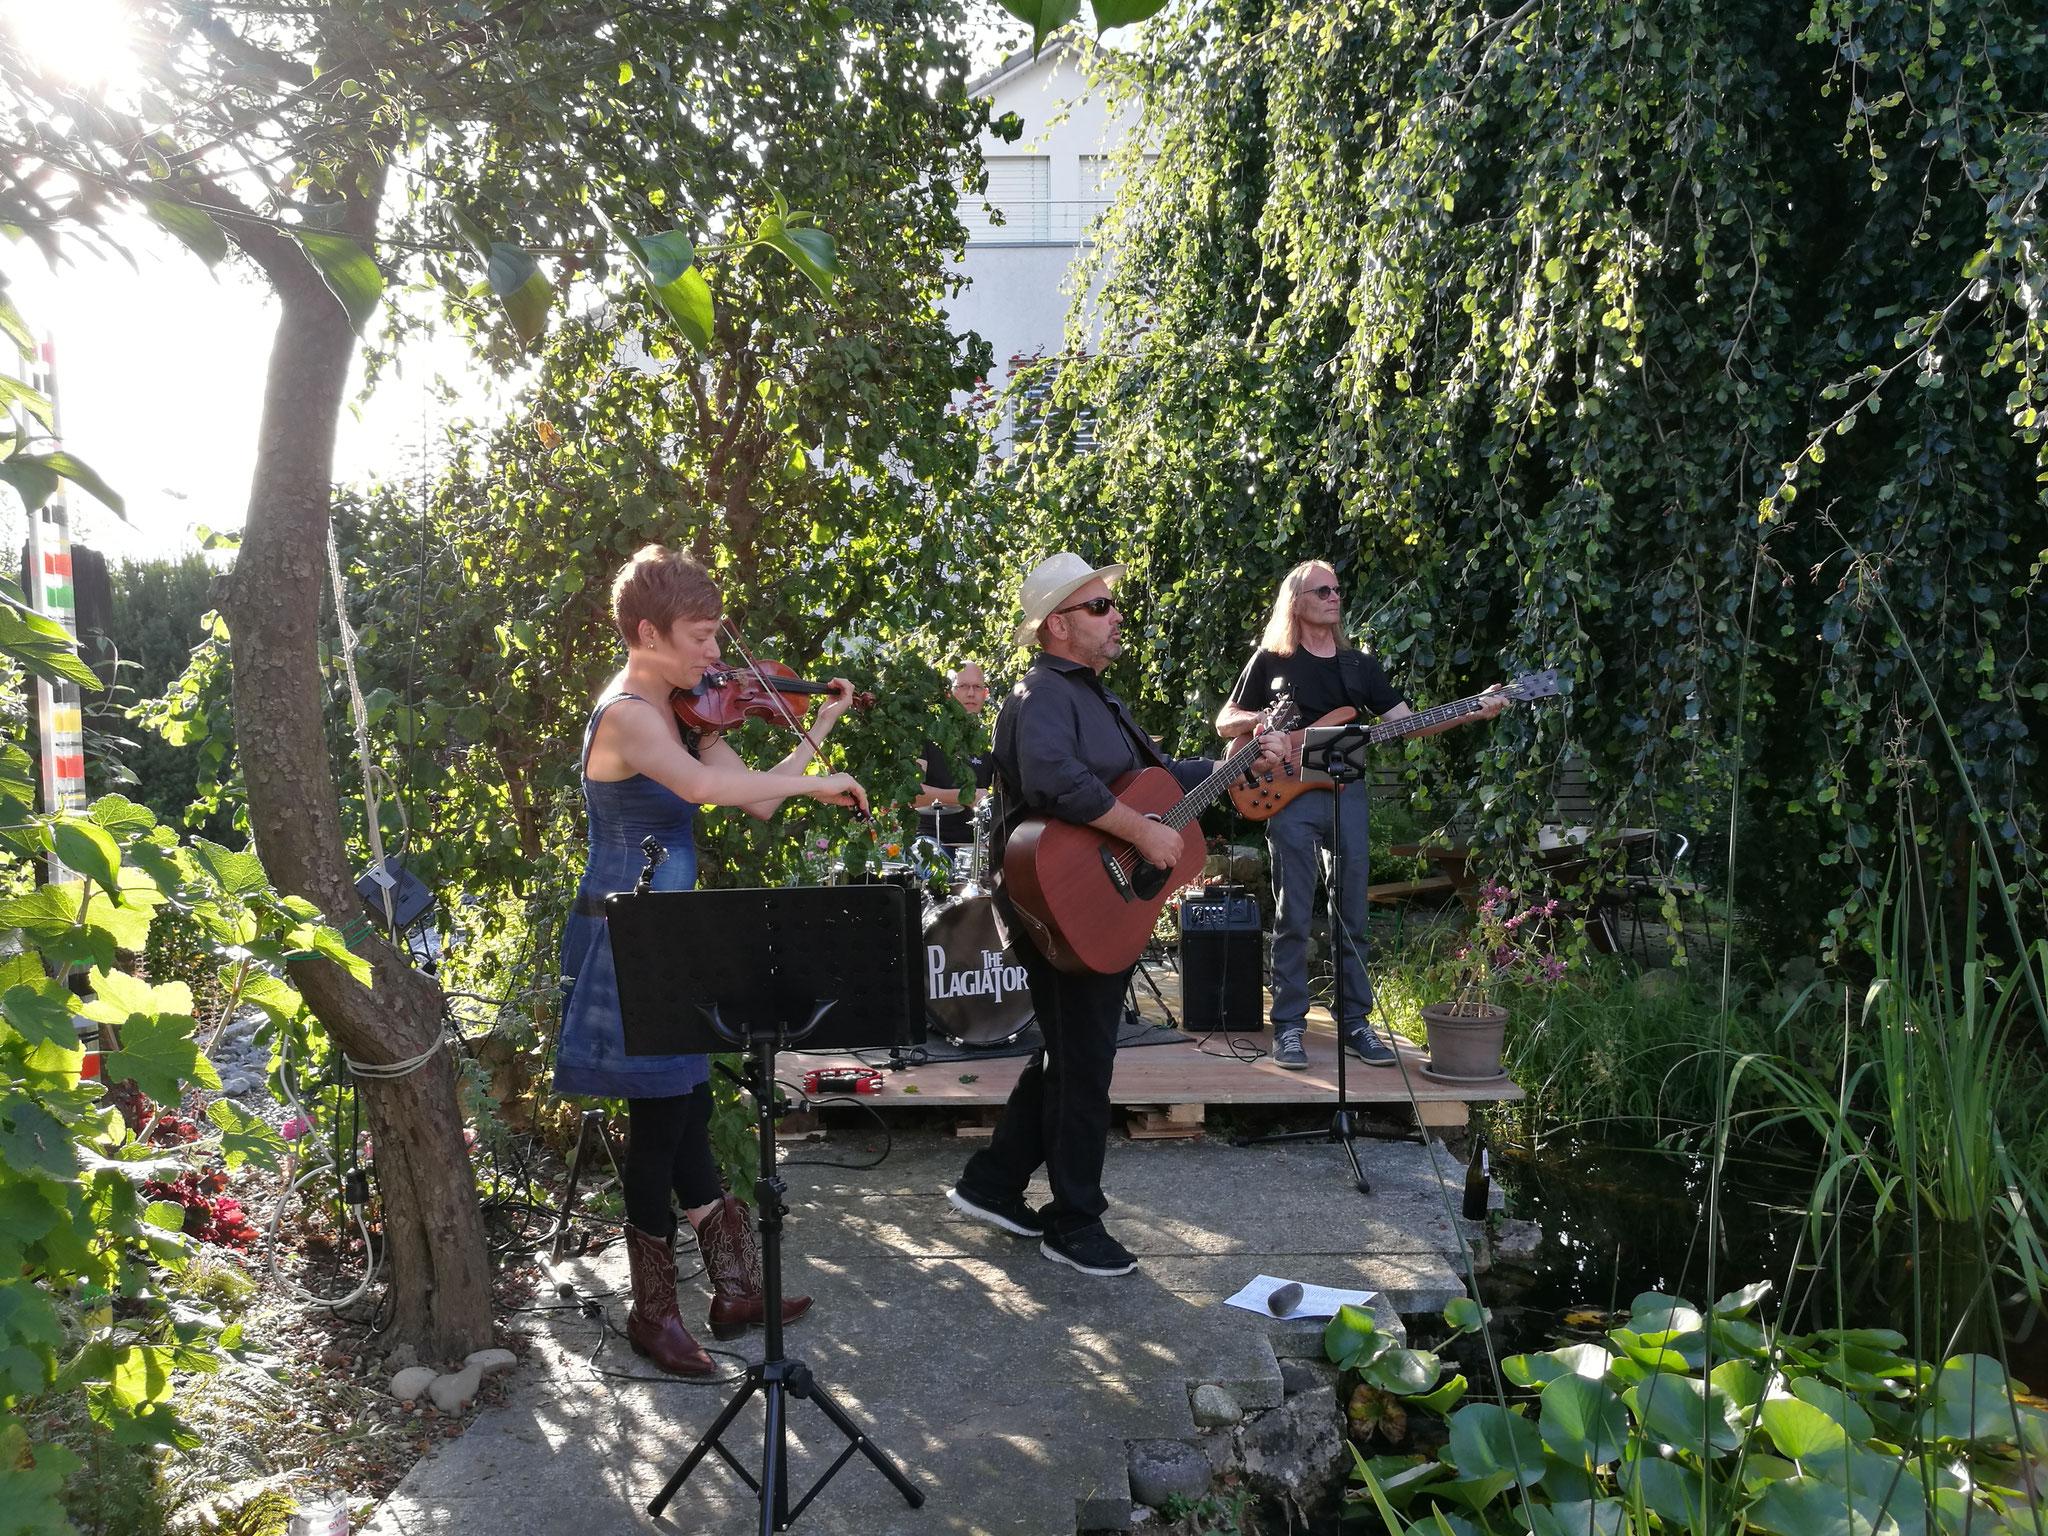 Band im Schilf: The Plagiators im Garten von Angie und Peter Schaufelberger